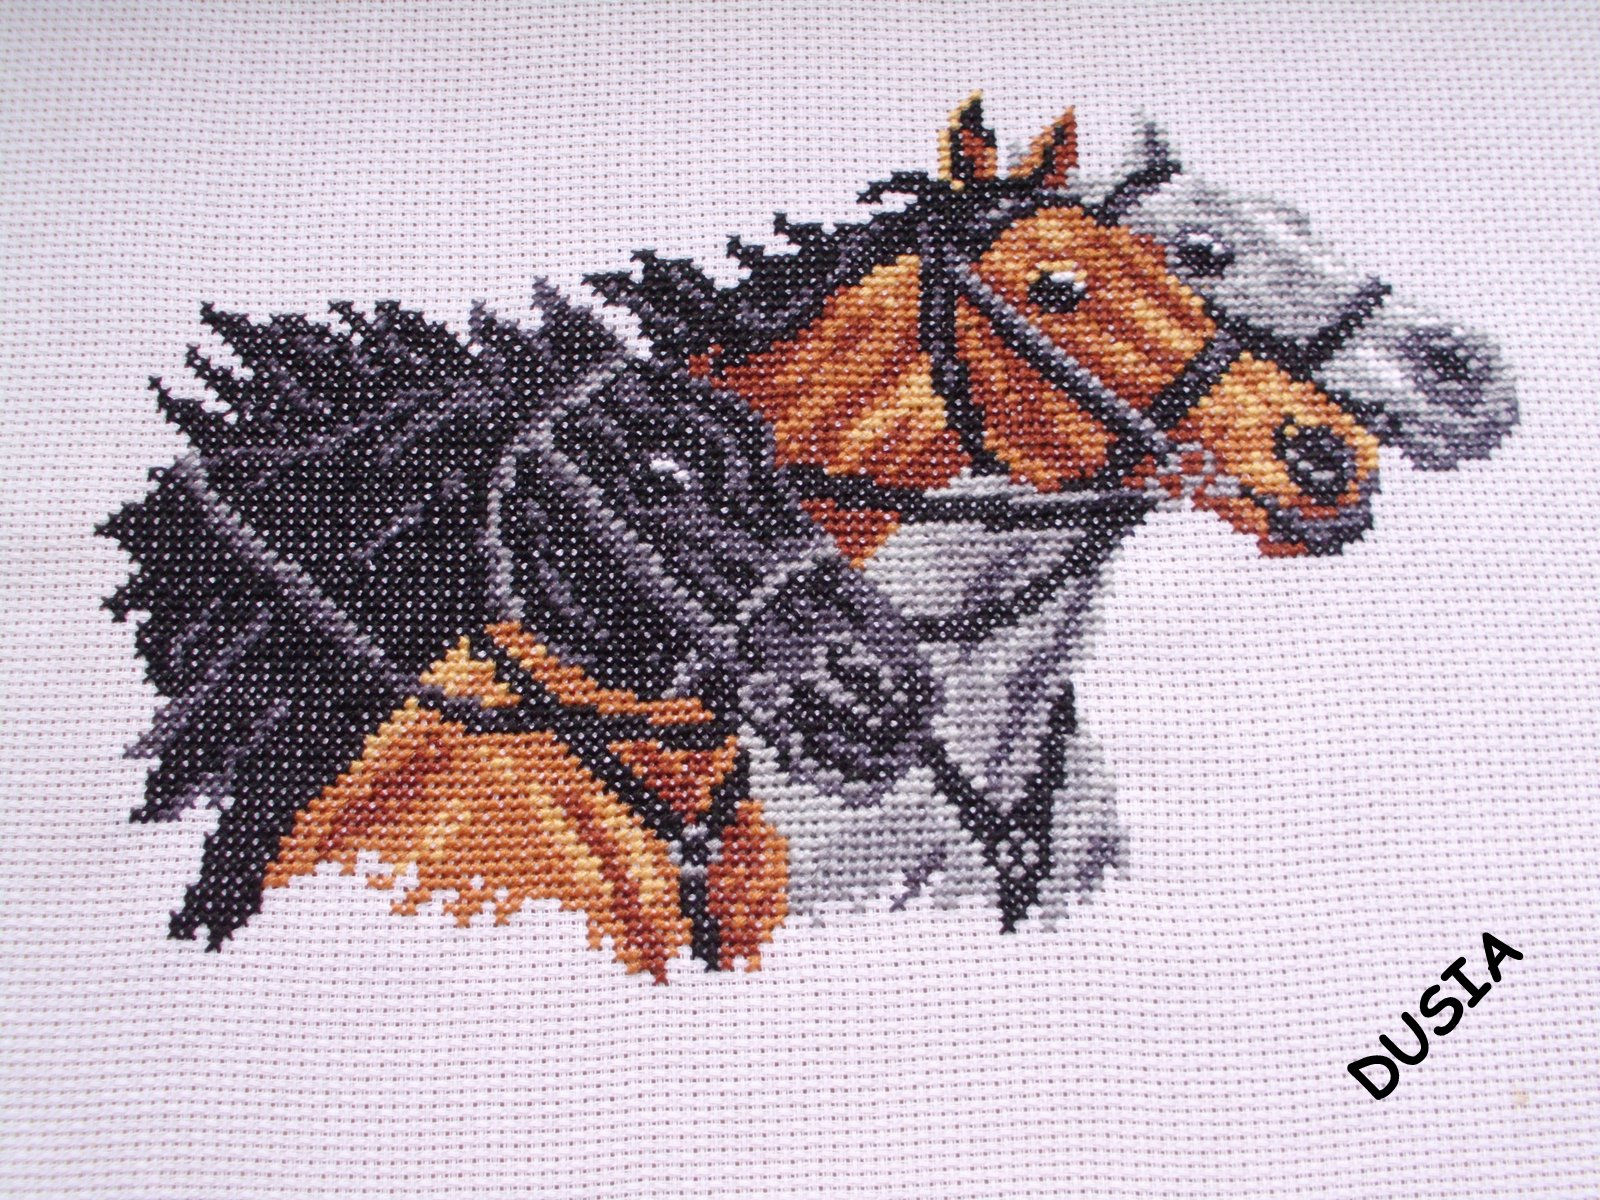 Konie - obraz